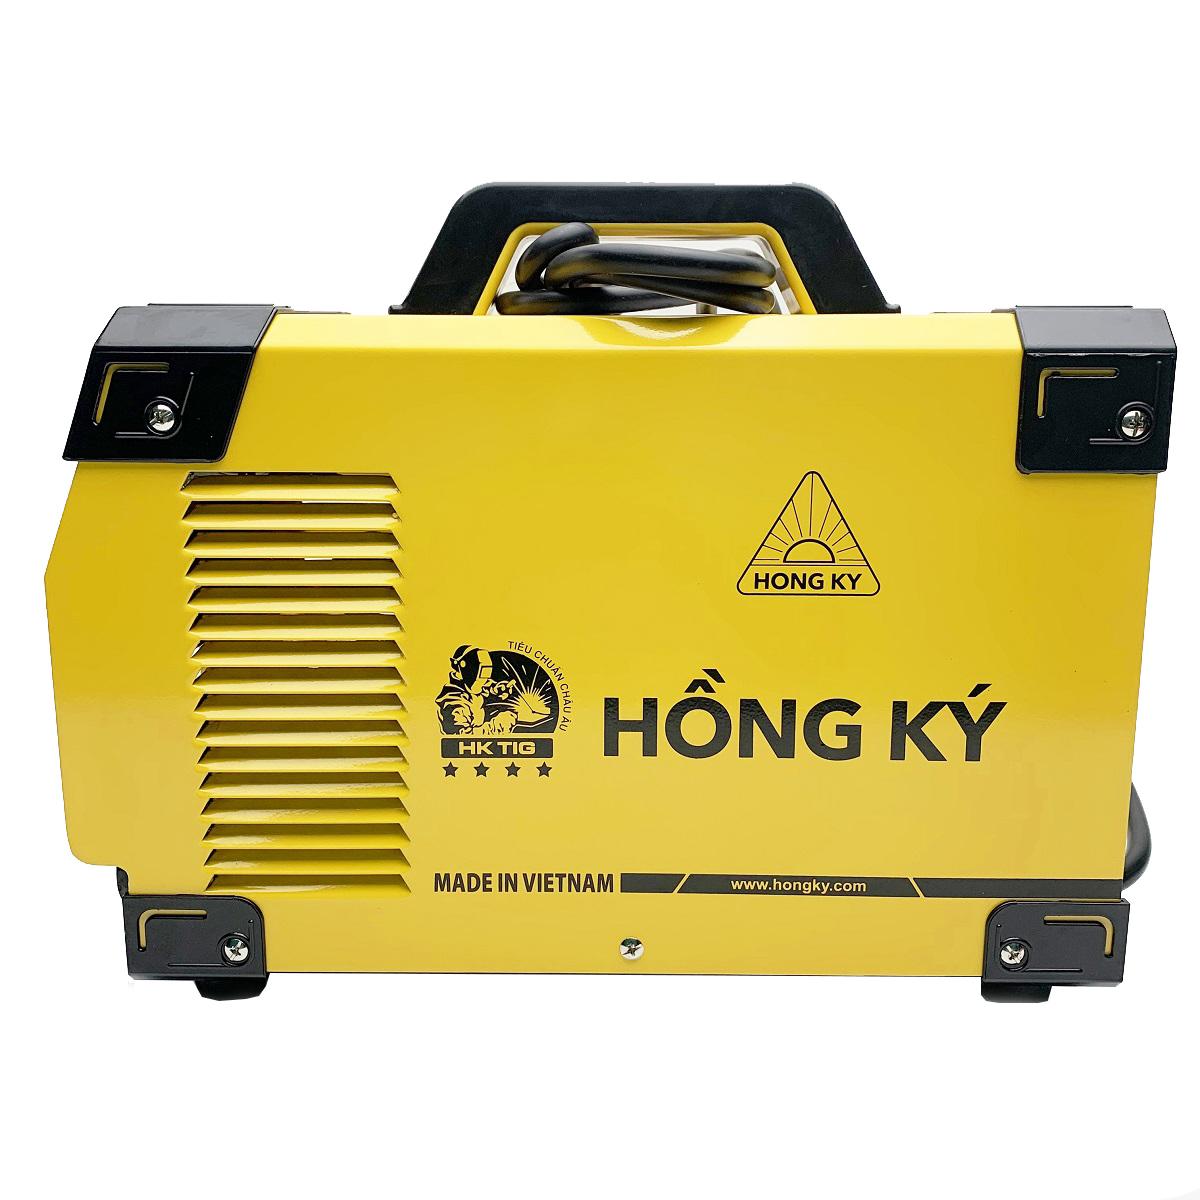 Máy hàn điện tử Hồng Ký HK TIG200A - Hàn INOX chuyên dụng, 2 chức năng hàn que (1.6-3.2mm) và hàn khí Argon (Tig)